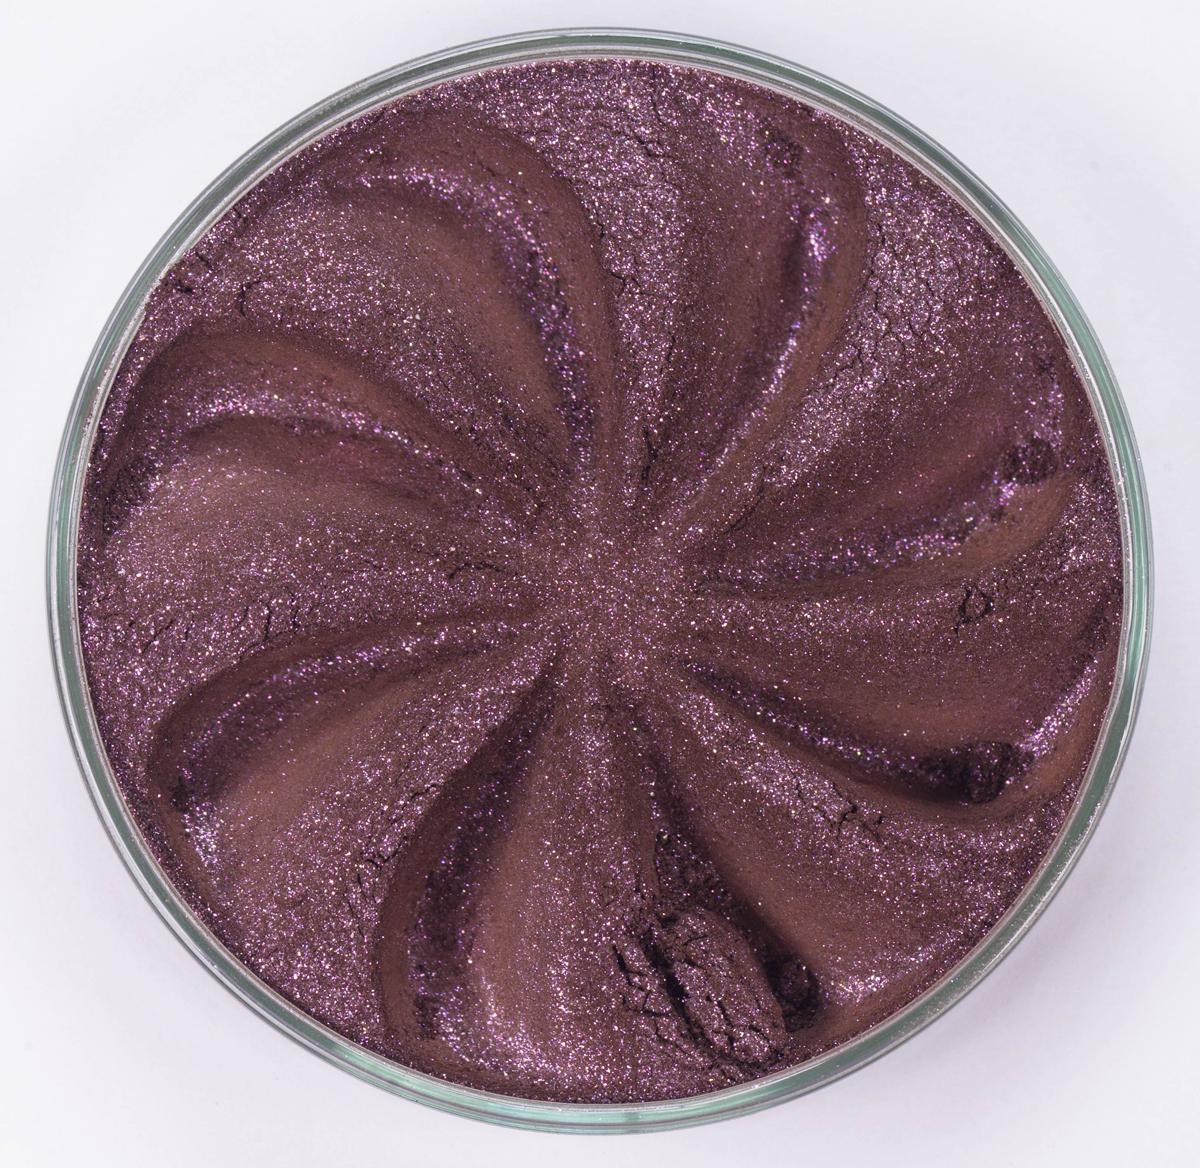 Era Minerals Минеральные Тени для век Luster тон L06 (коричневый с пурпурными блестками), 4 мл